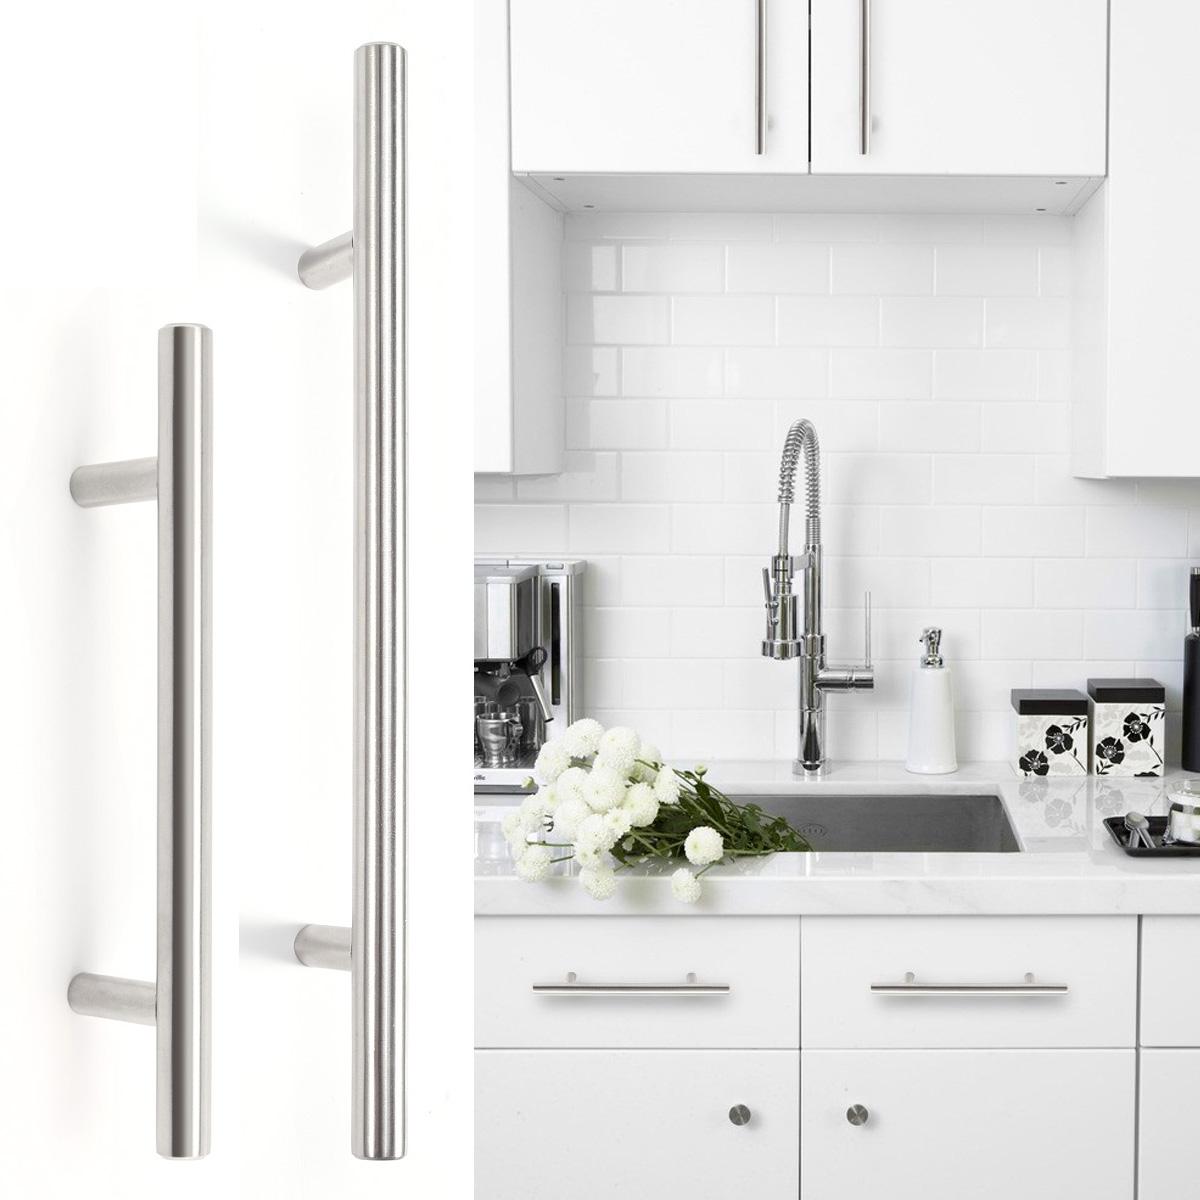 20 10 x poign e barre en t inox vis pour porte de meuble tiroir cuisine chambre ebay. Black Bedroom Furniture Sets. Home Design Ideas